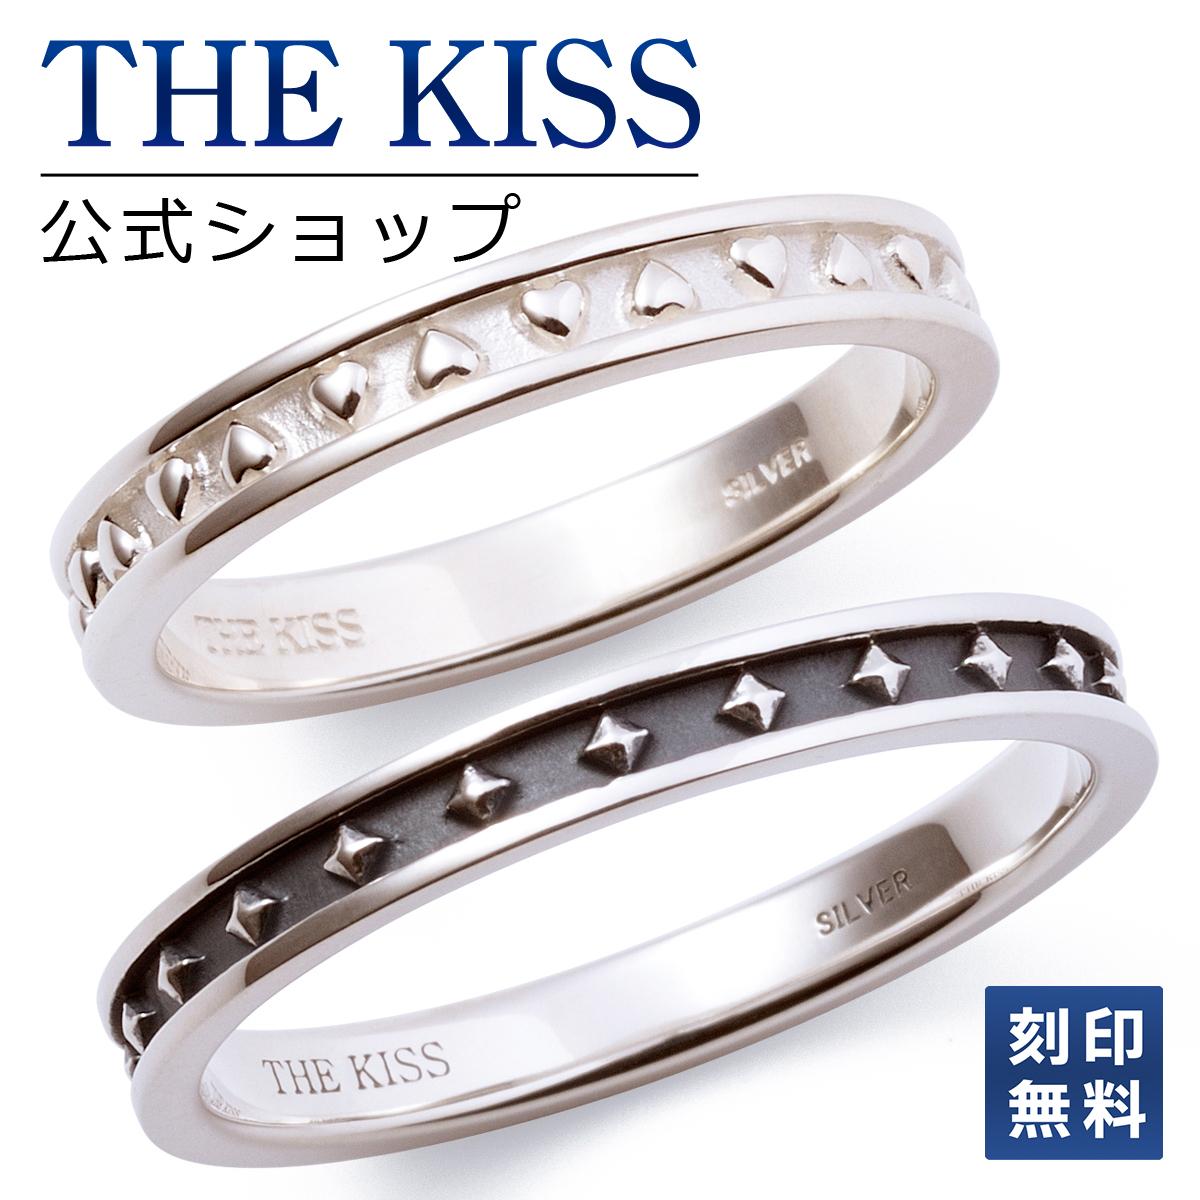 【あす楽対応】THE KISS 公式サイト シルバー ペアリング ペアアクセサリー カップル に 人気 の ジュエリーブランド THEKISS ペア リング・指輪 記念日 プレゼント SR361WH-362BK ザキス